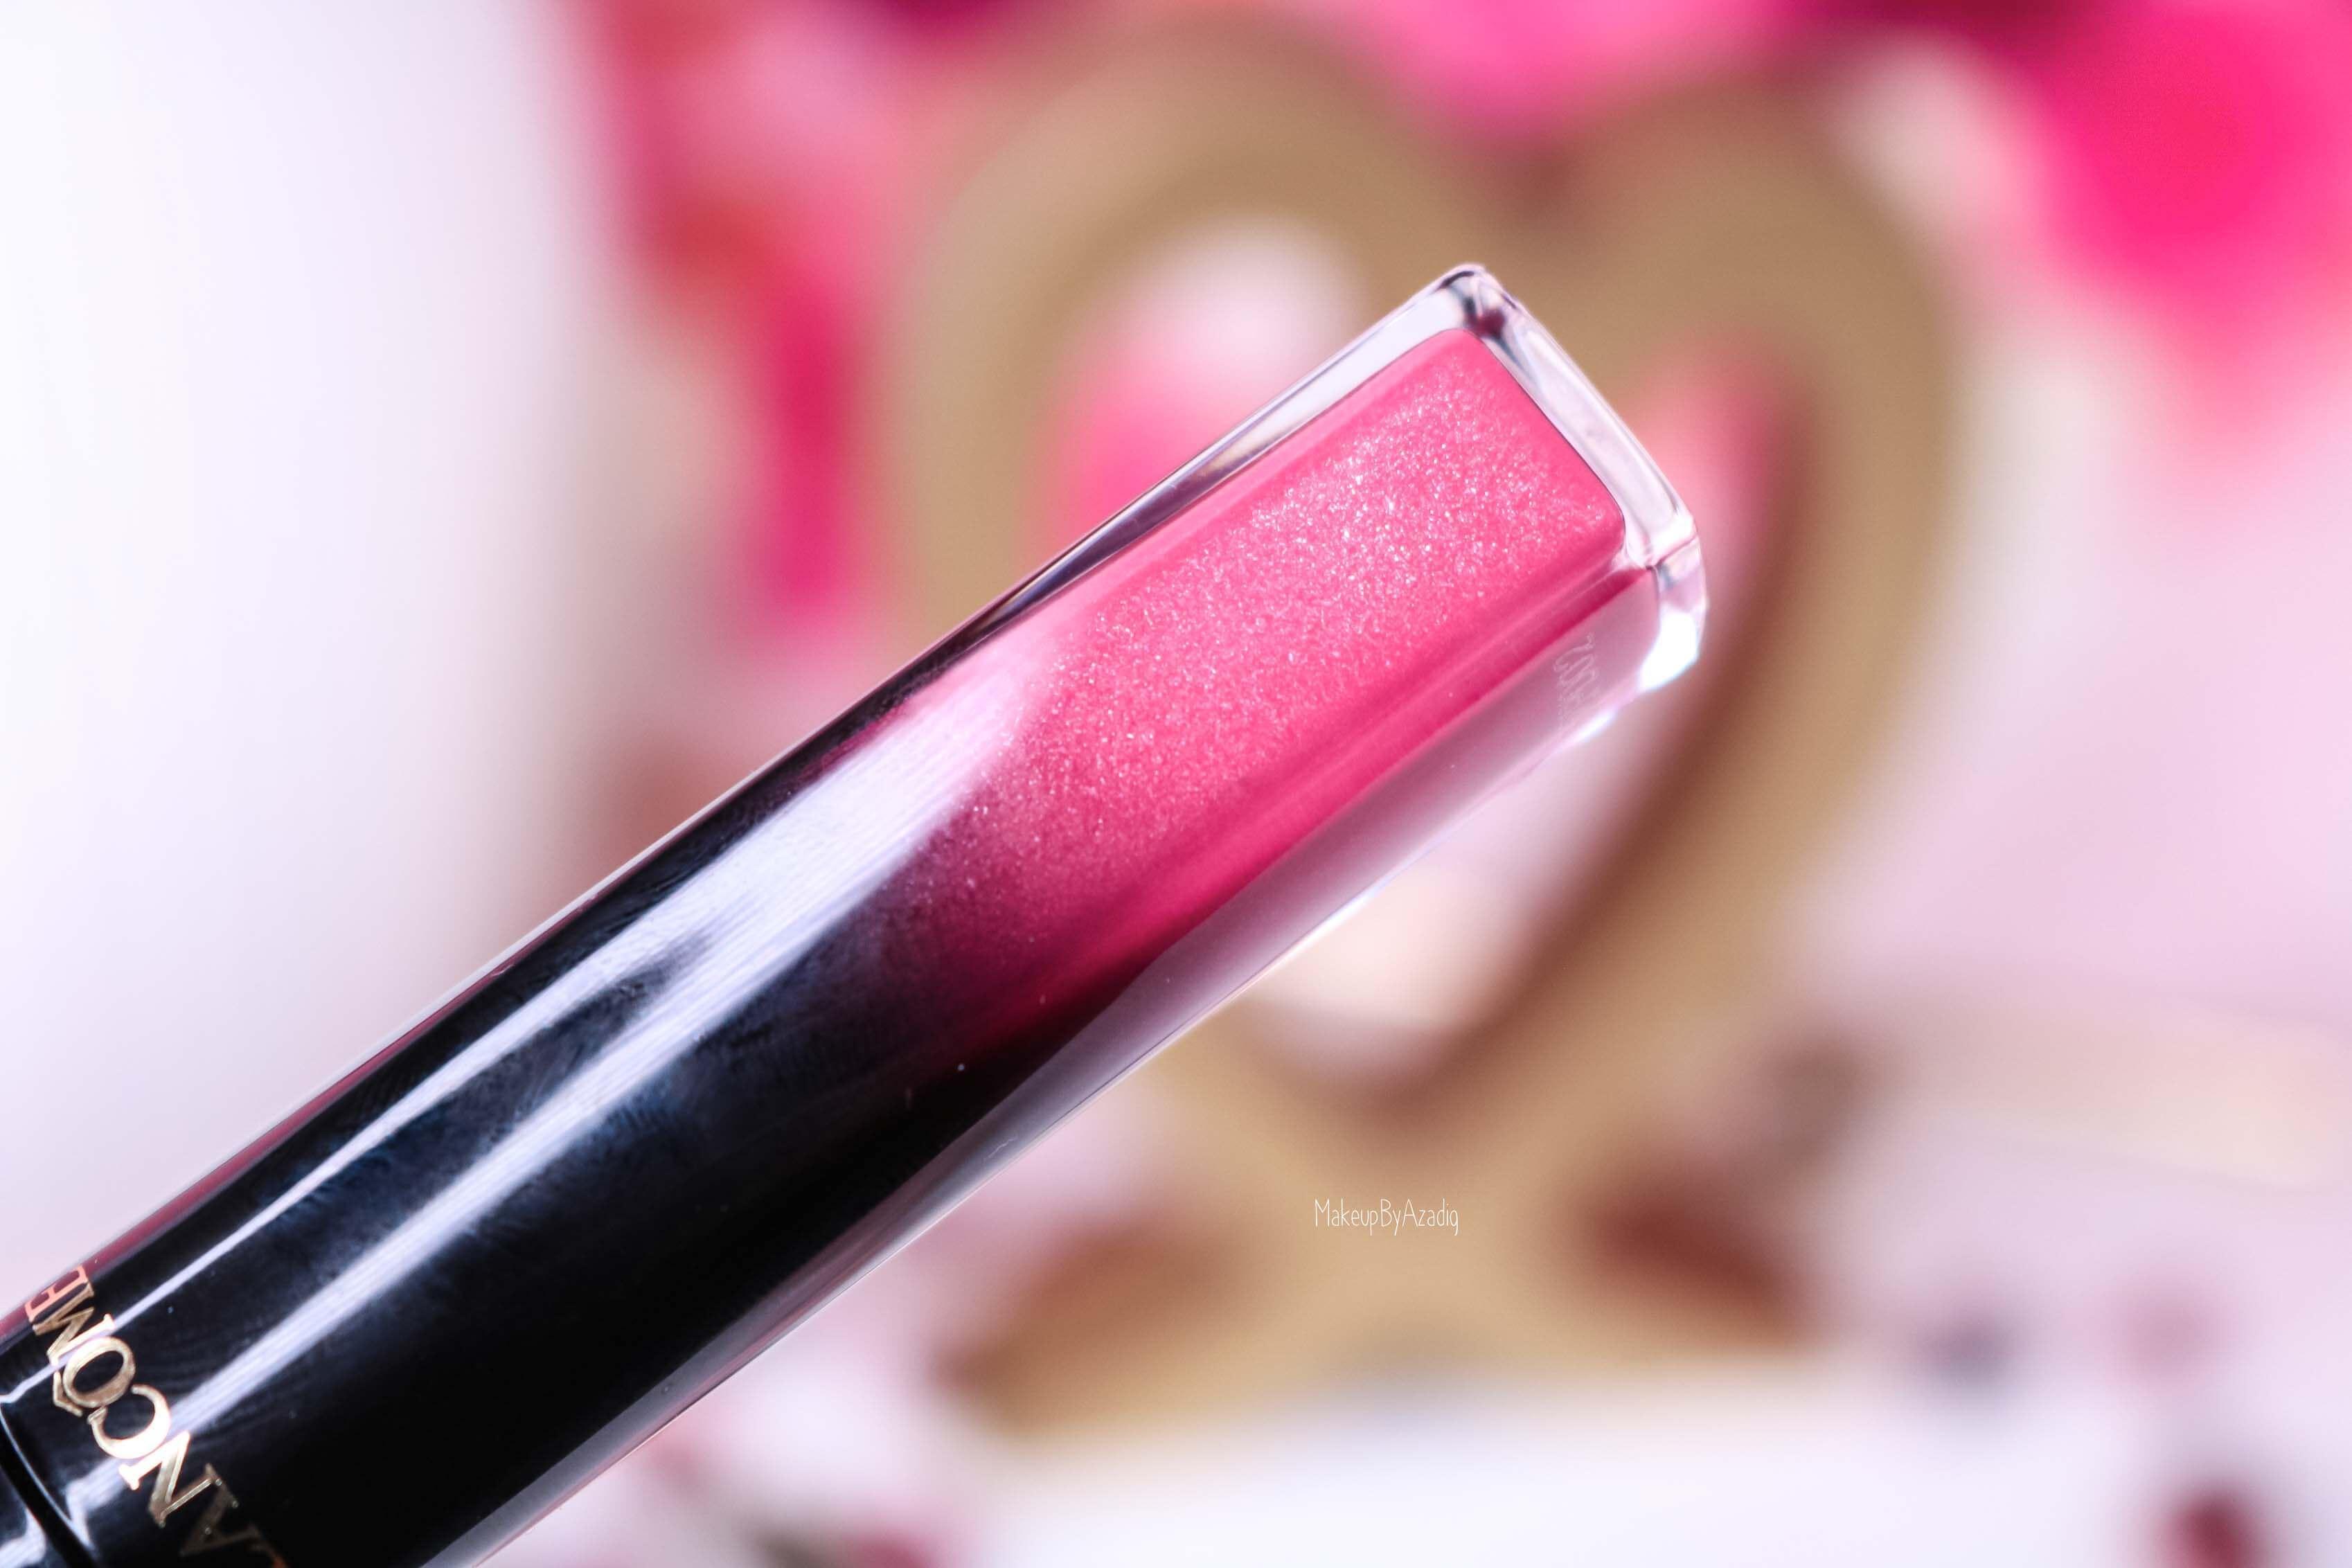 revue-lacque-a-levres-absolu-lacquer-lancome-shine-manifesto-323-sephora-avis-prix-tenue-makeupbyazadig-swatch-couleur